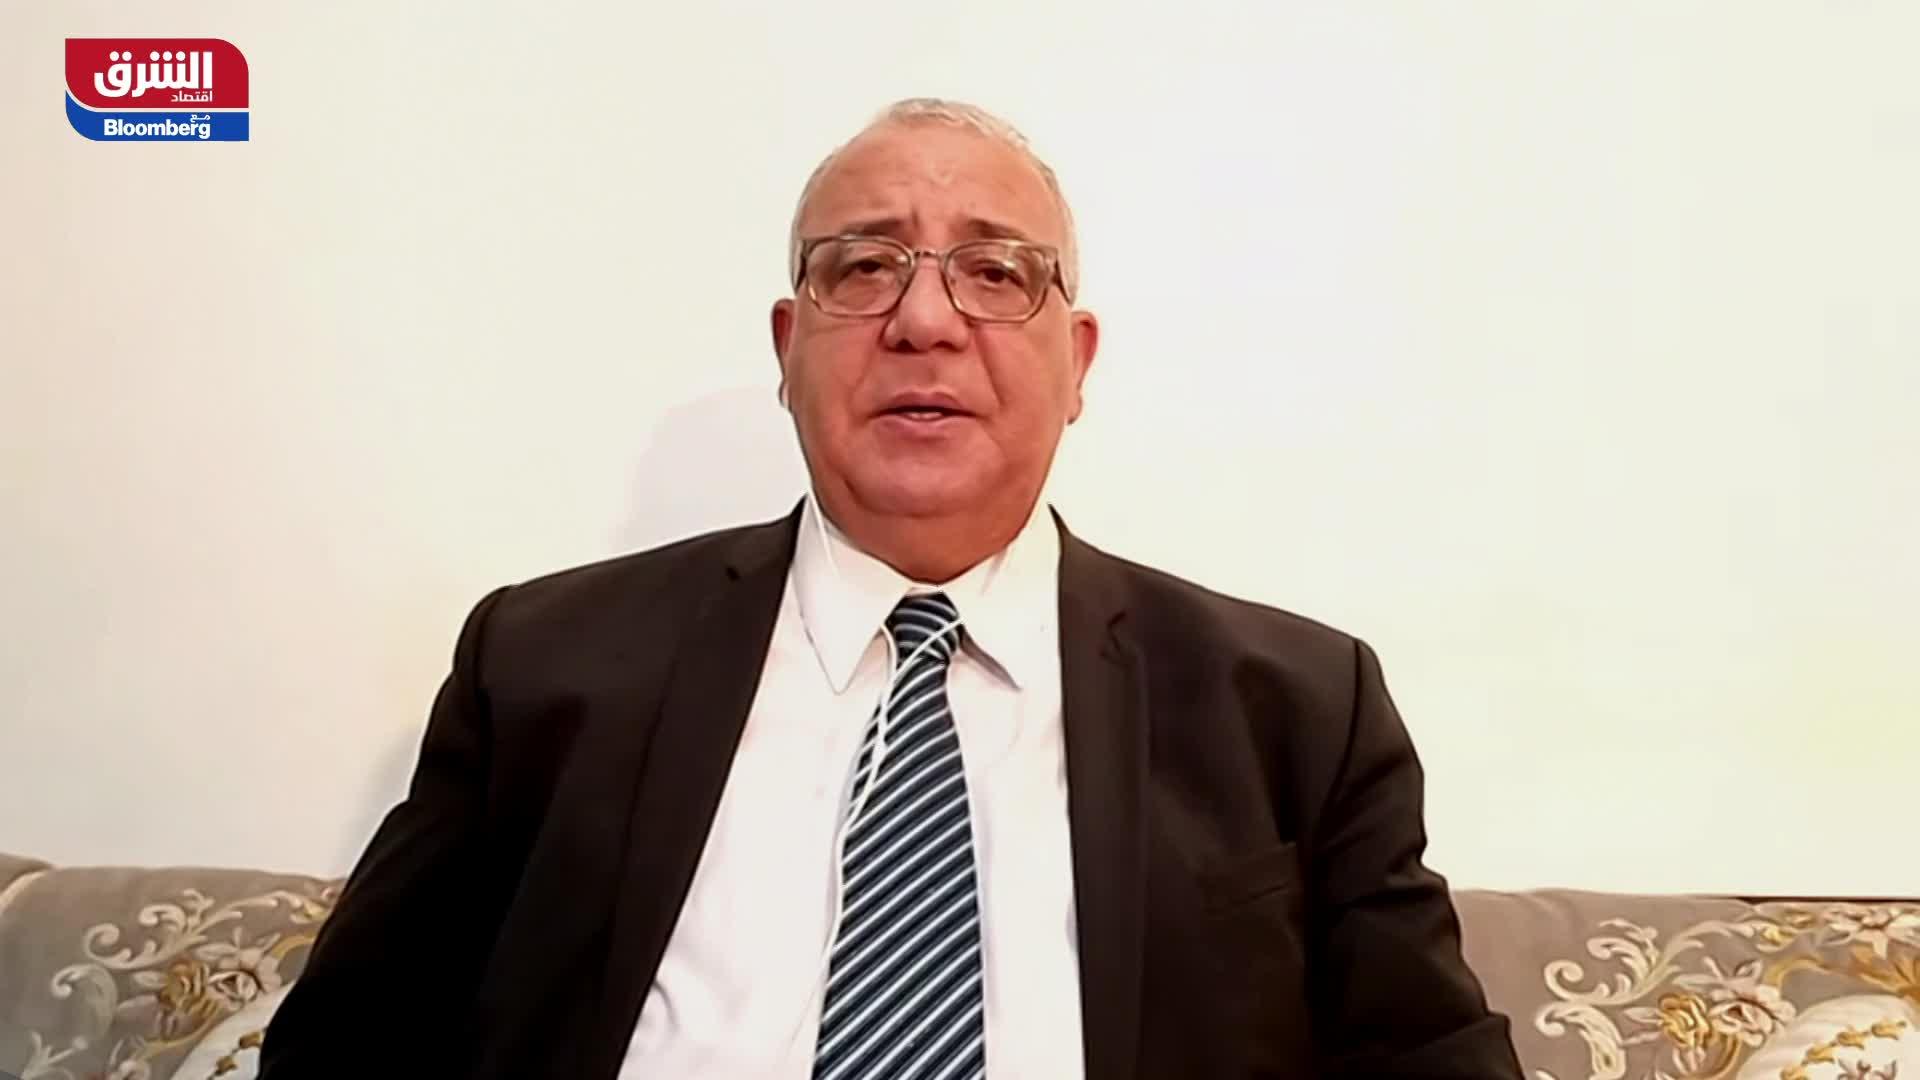 الدكتور كميل الساري - أستاذ الاقتصاد والعلاقات الدولية بجامعة السوربون